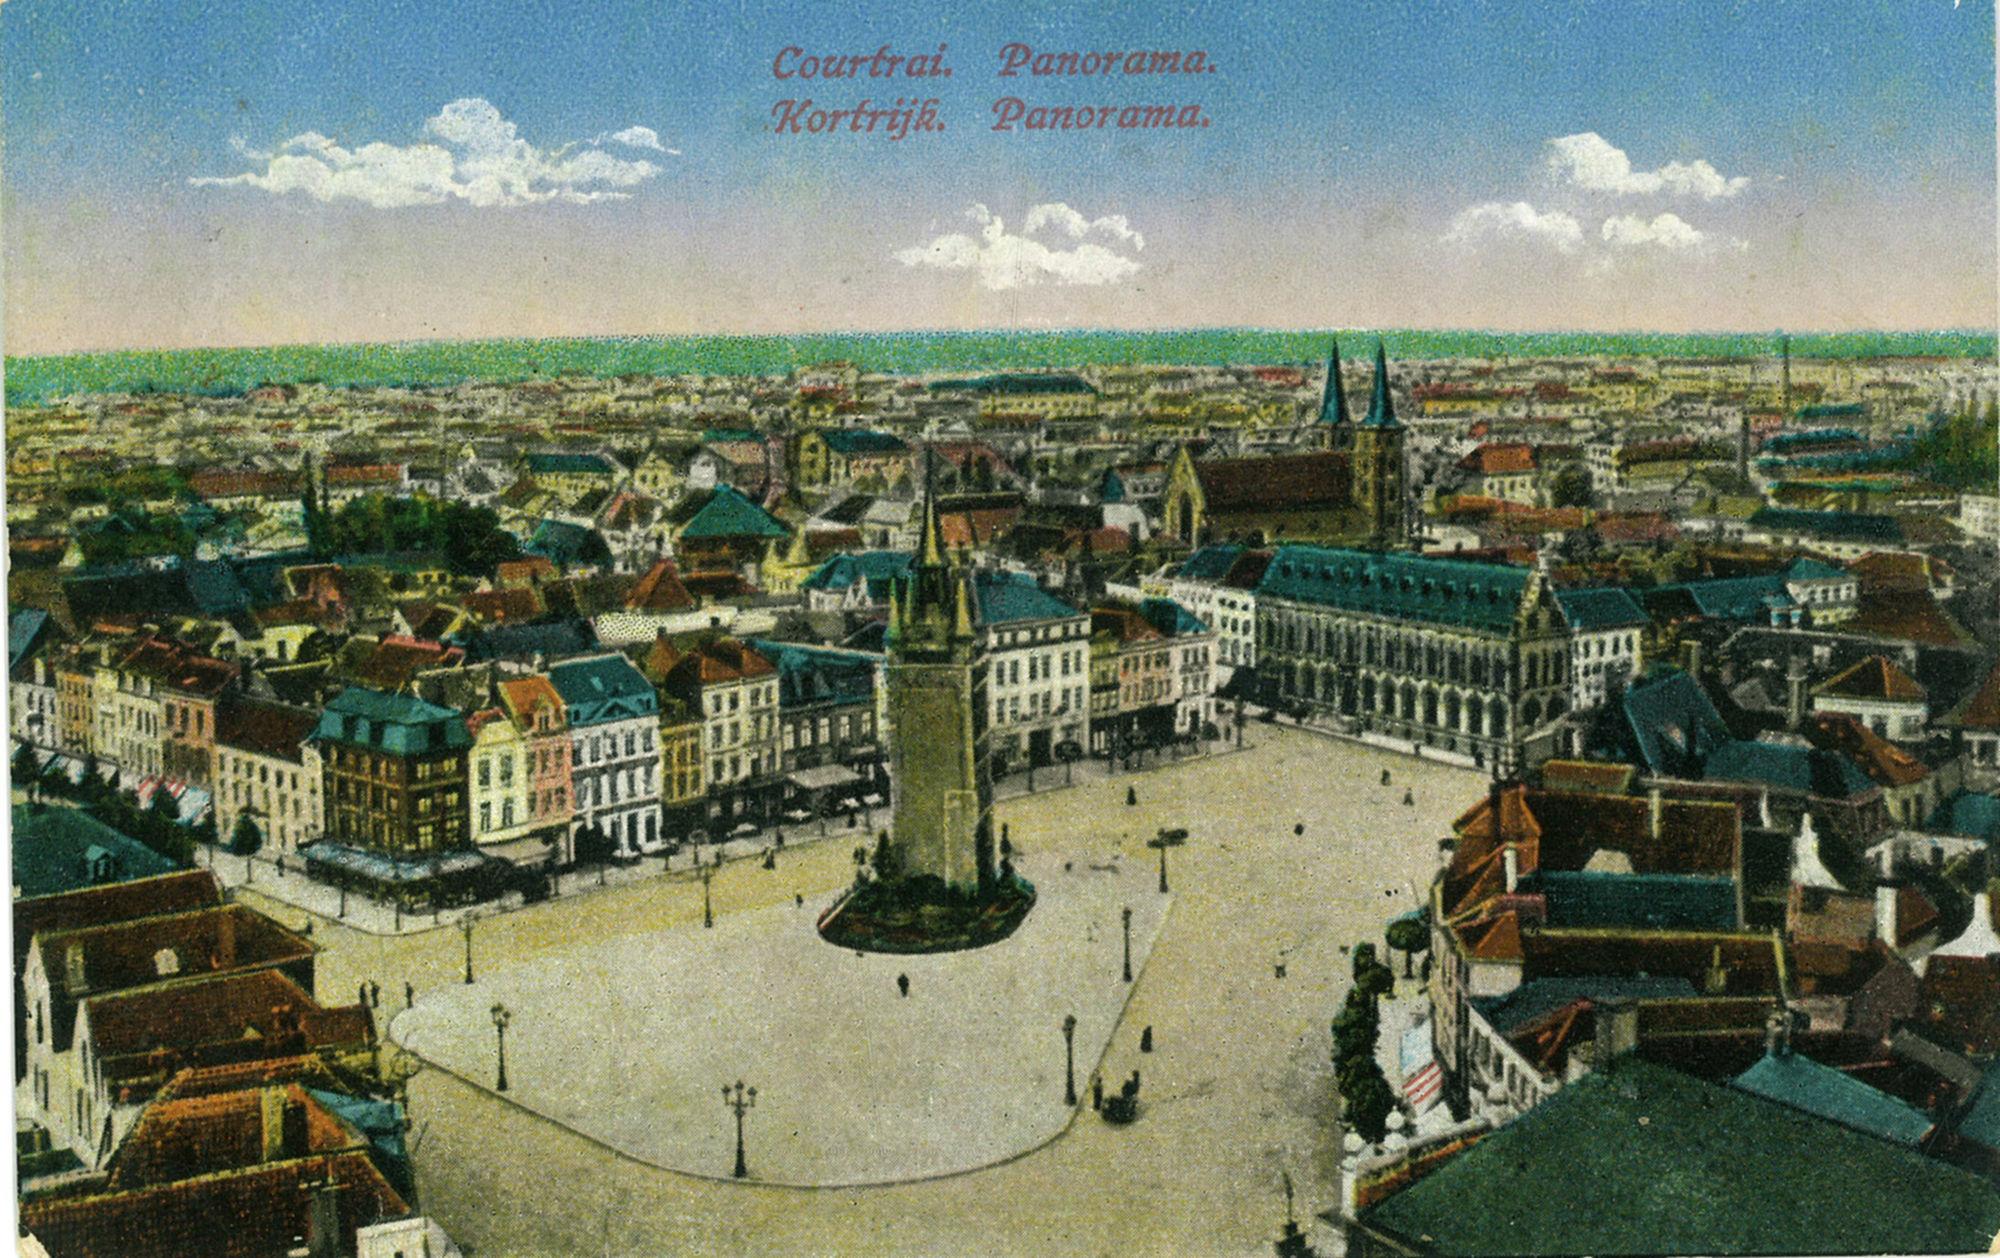 Panoramakaart van het centrum van Kortrijk